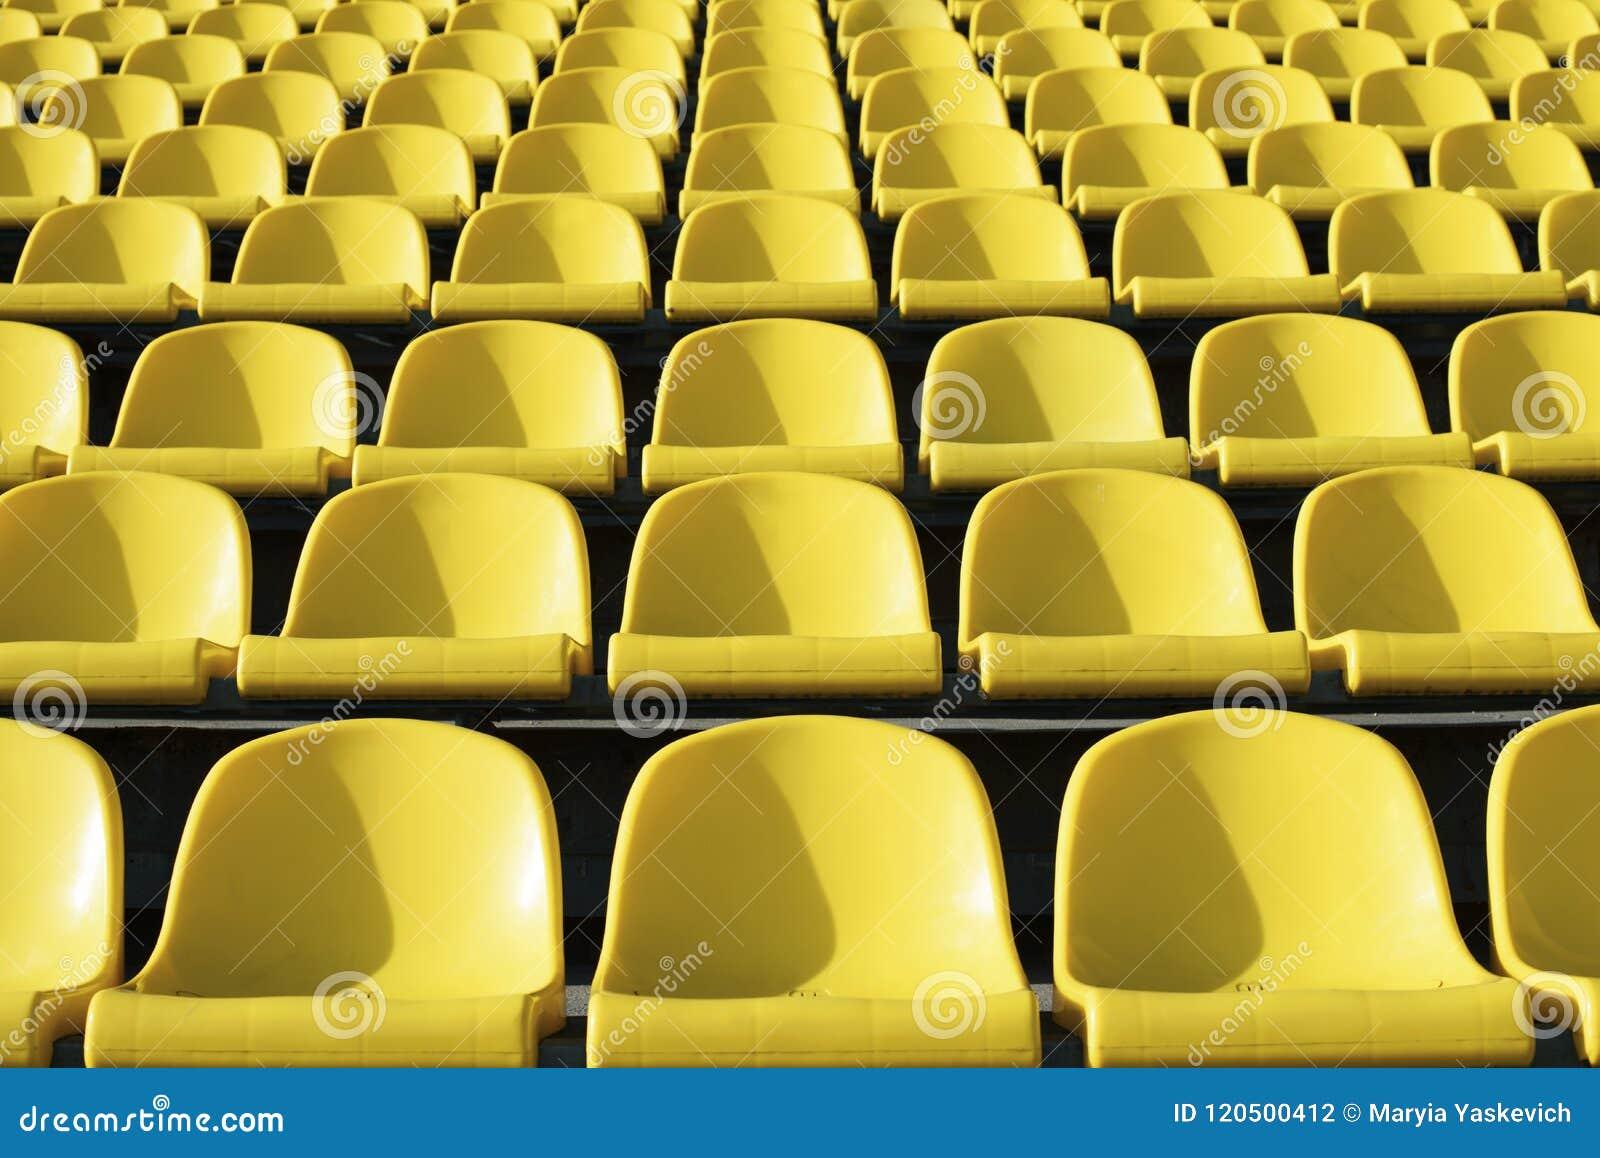 Assentos amarelos plásticos vazios no estádio, arena esportiva do estar aberto